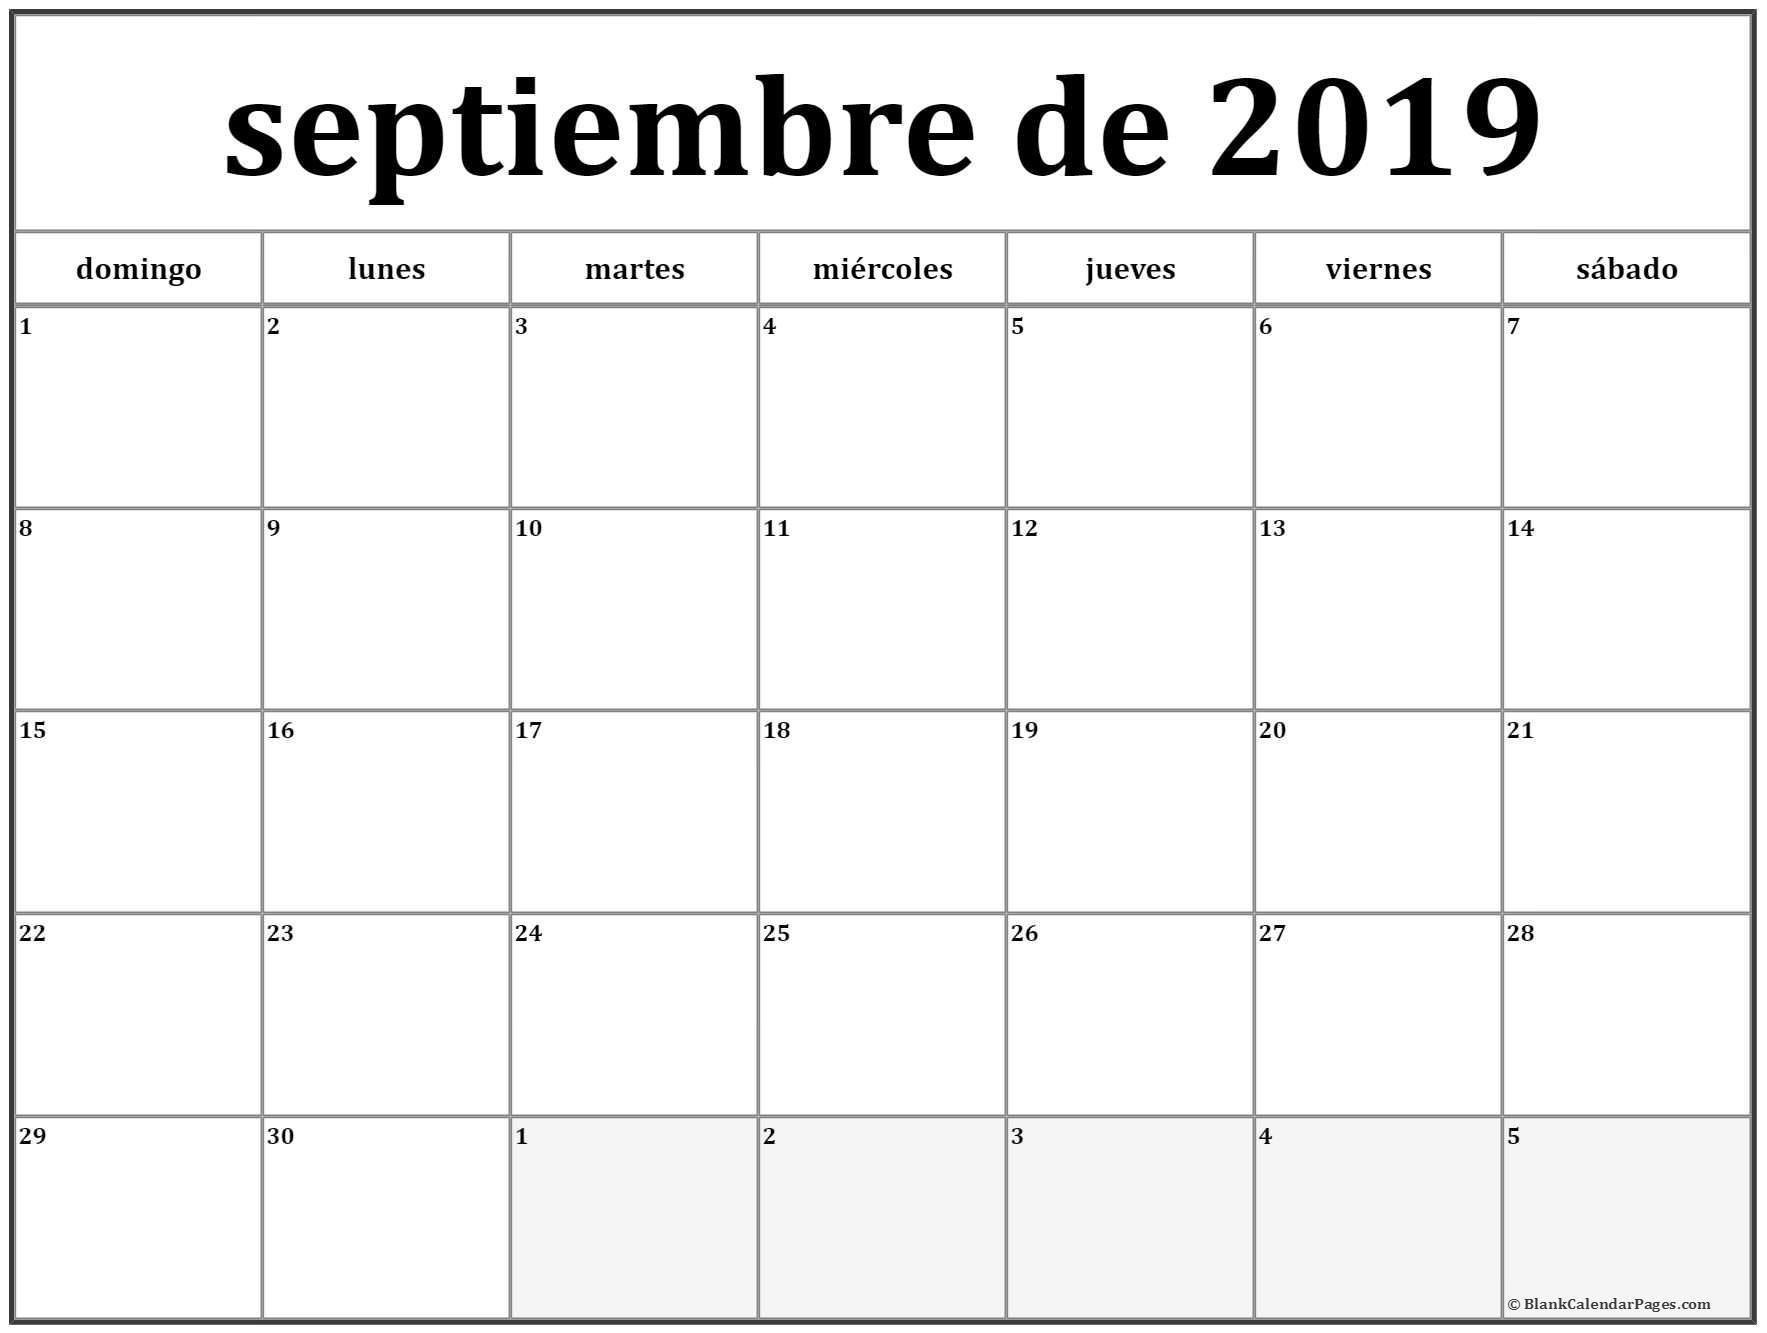 Calendario Escolar Septiembre 2019 Para Imprimir Más Populares Noticias Calendario 2019 Para Imprimir Con Feriados Mexico Of Calendario Escolar Septiembre 2019 Para Imprimir Mejores Y Más Novedosos Calendario Para Imprimir 2019 Enero Calendario Imprimir Enero